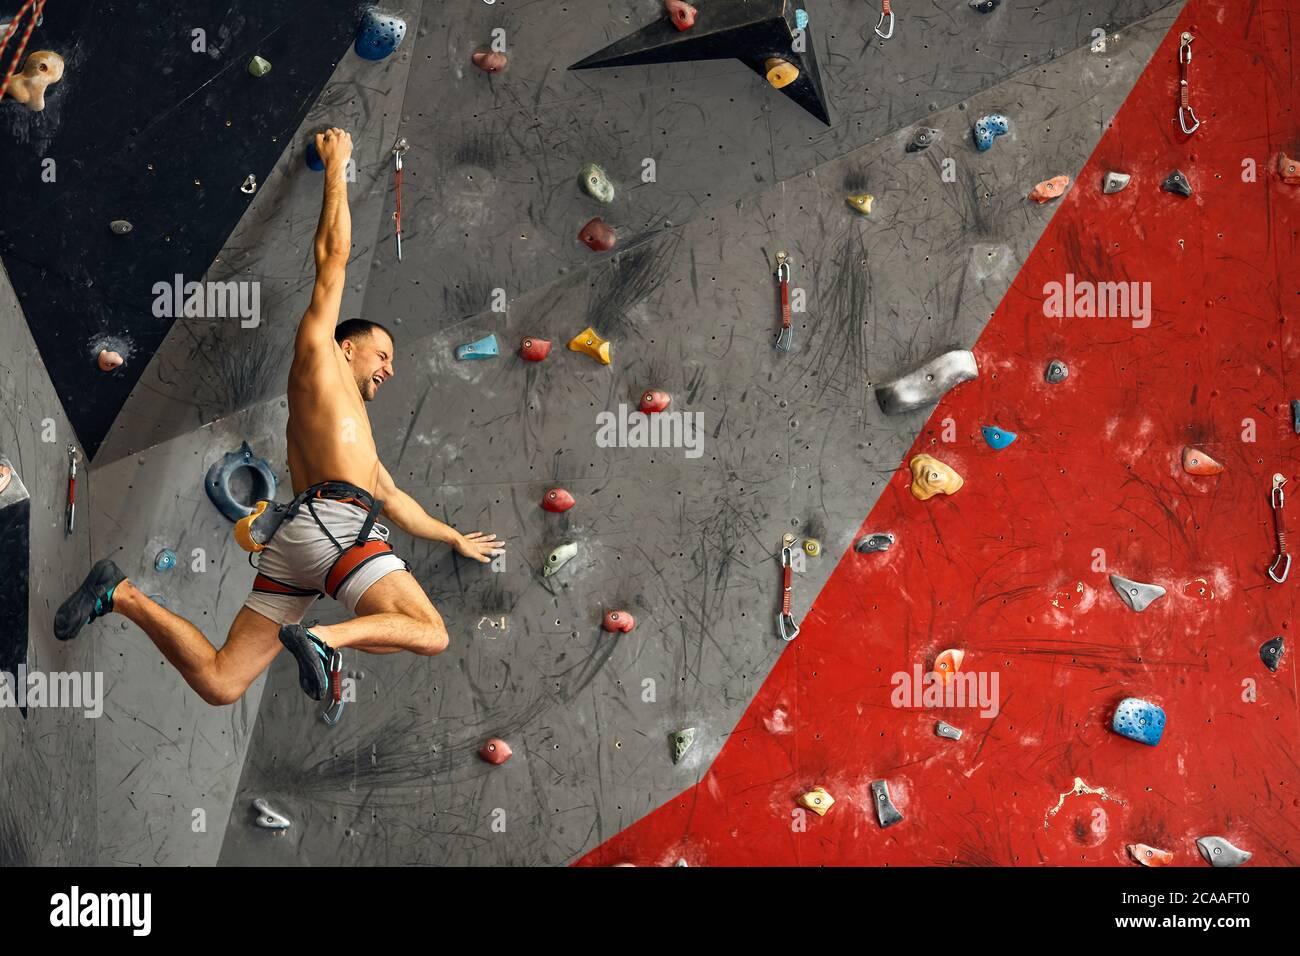 Escalador macho instructor escaladas en pared artificial pintado en colores rojo y gris en el interior. Un estilo de vida activo y trepar rocas concepto. Foto de stock